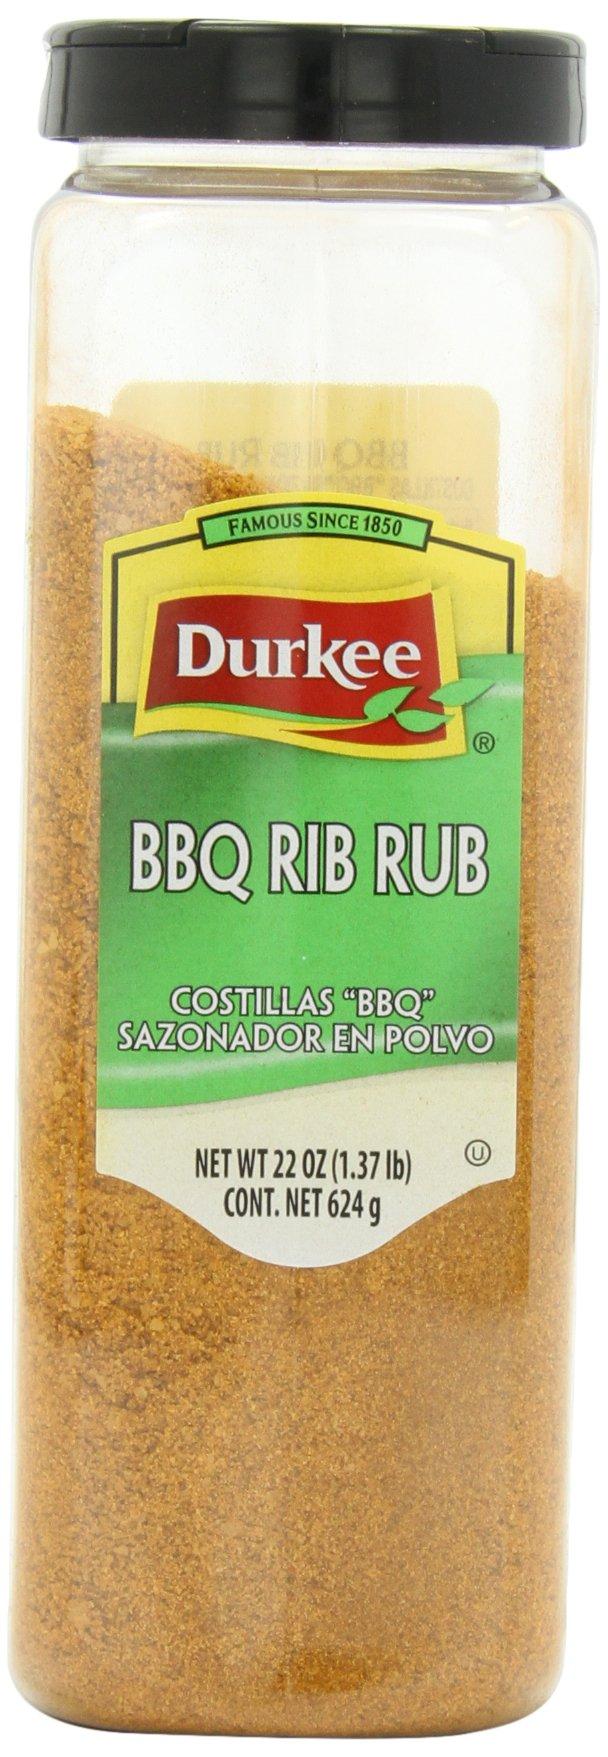 Durkee BBQ Rib Seasoning Rub, 22-Ounce